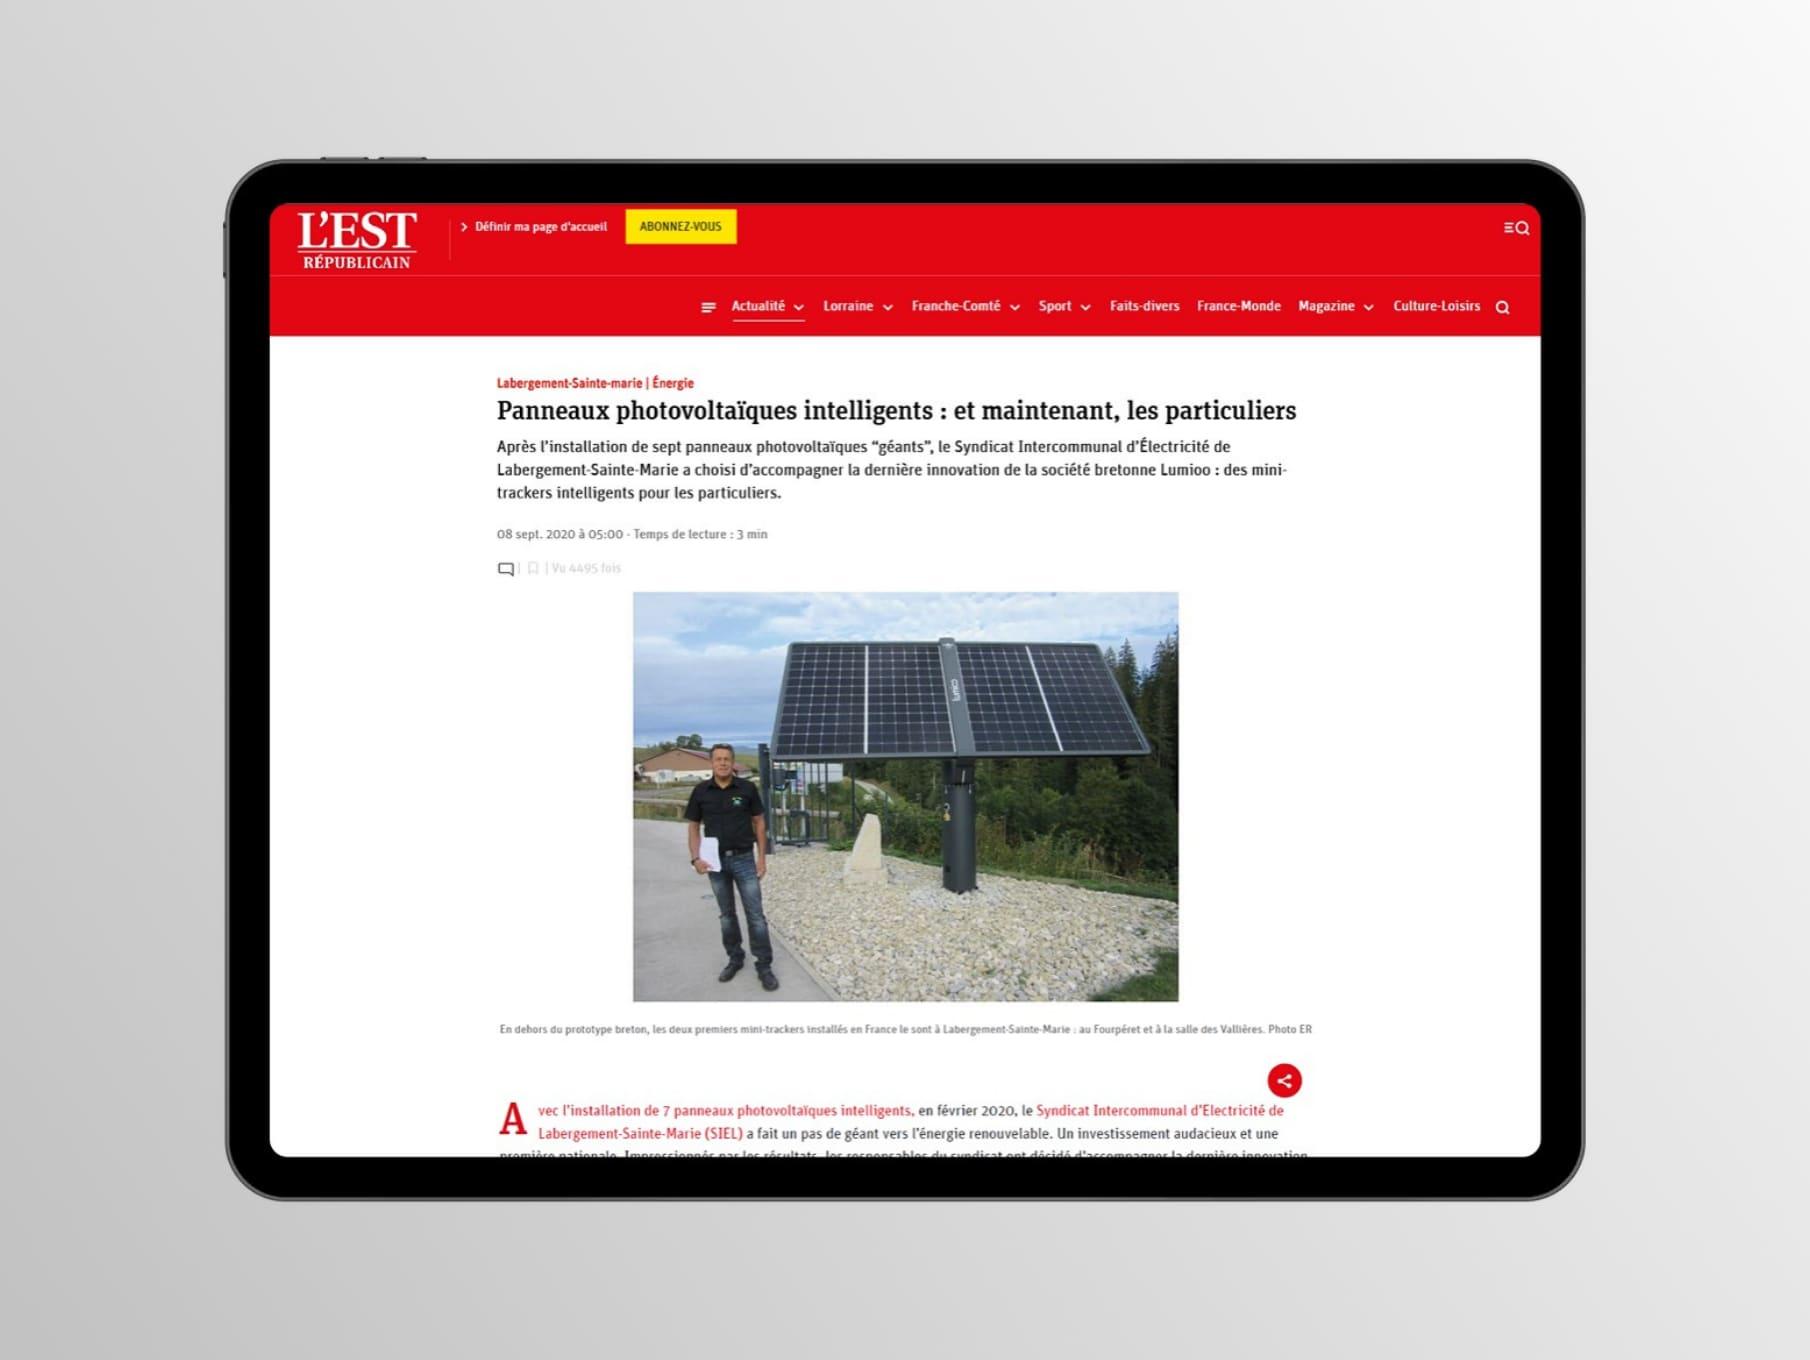 Presse – Les panneaux solaires intelligents Lumioo